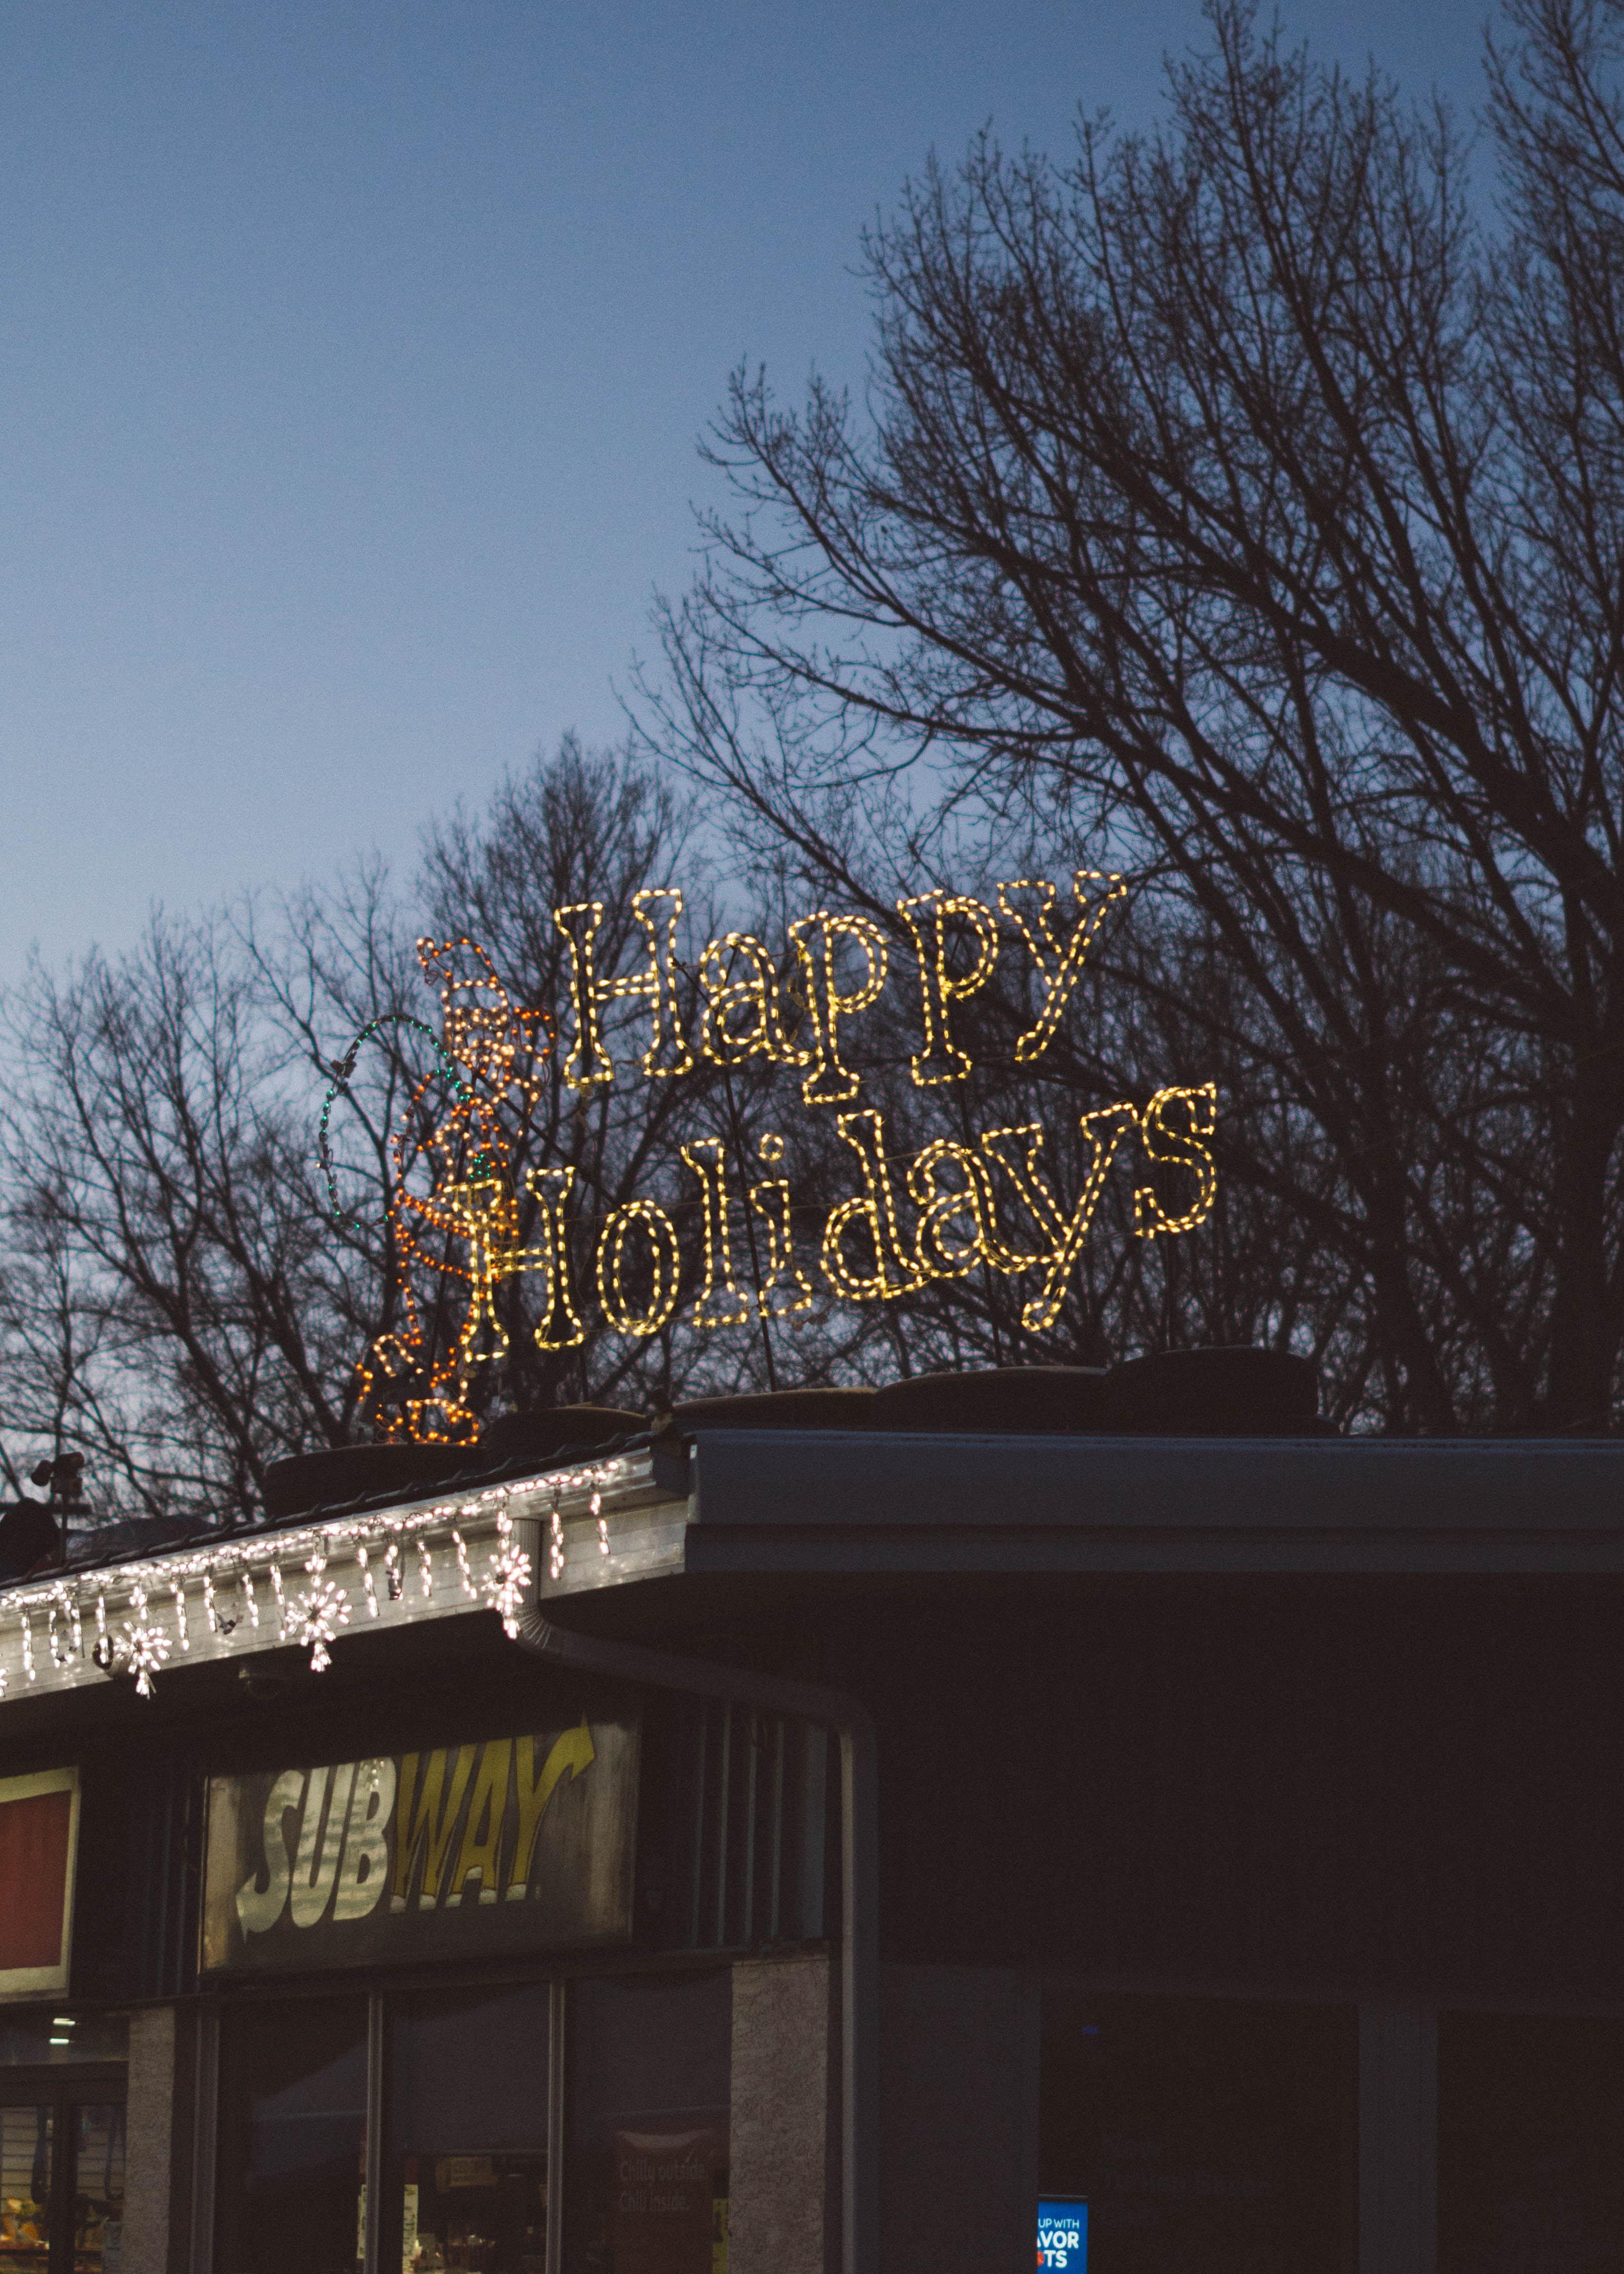 Happy Holidays LED signage during daytime